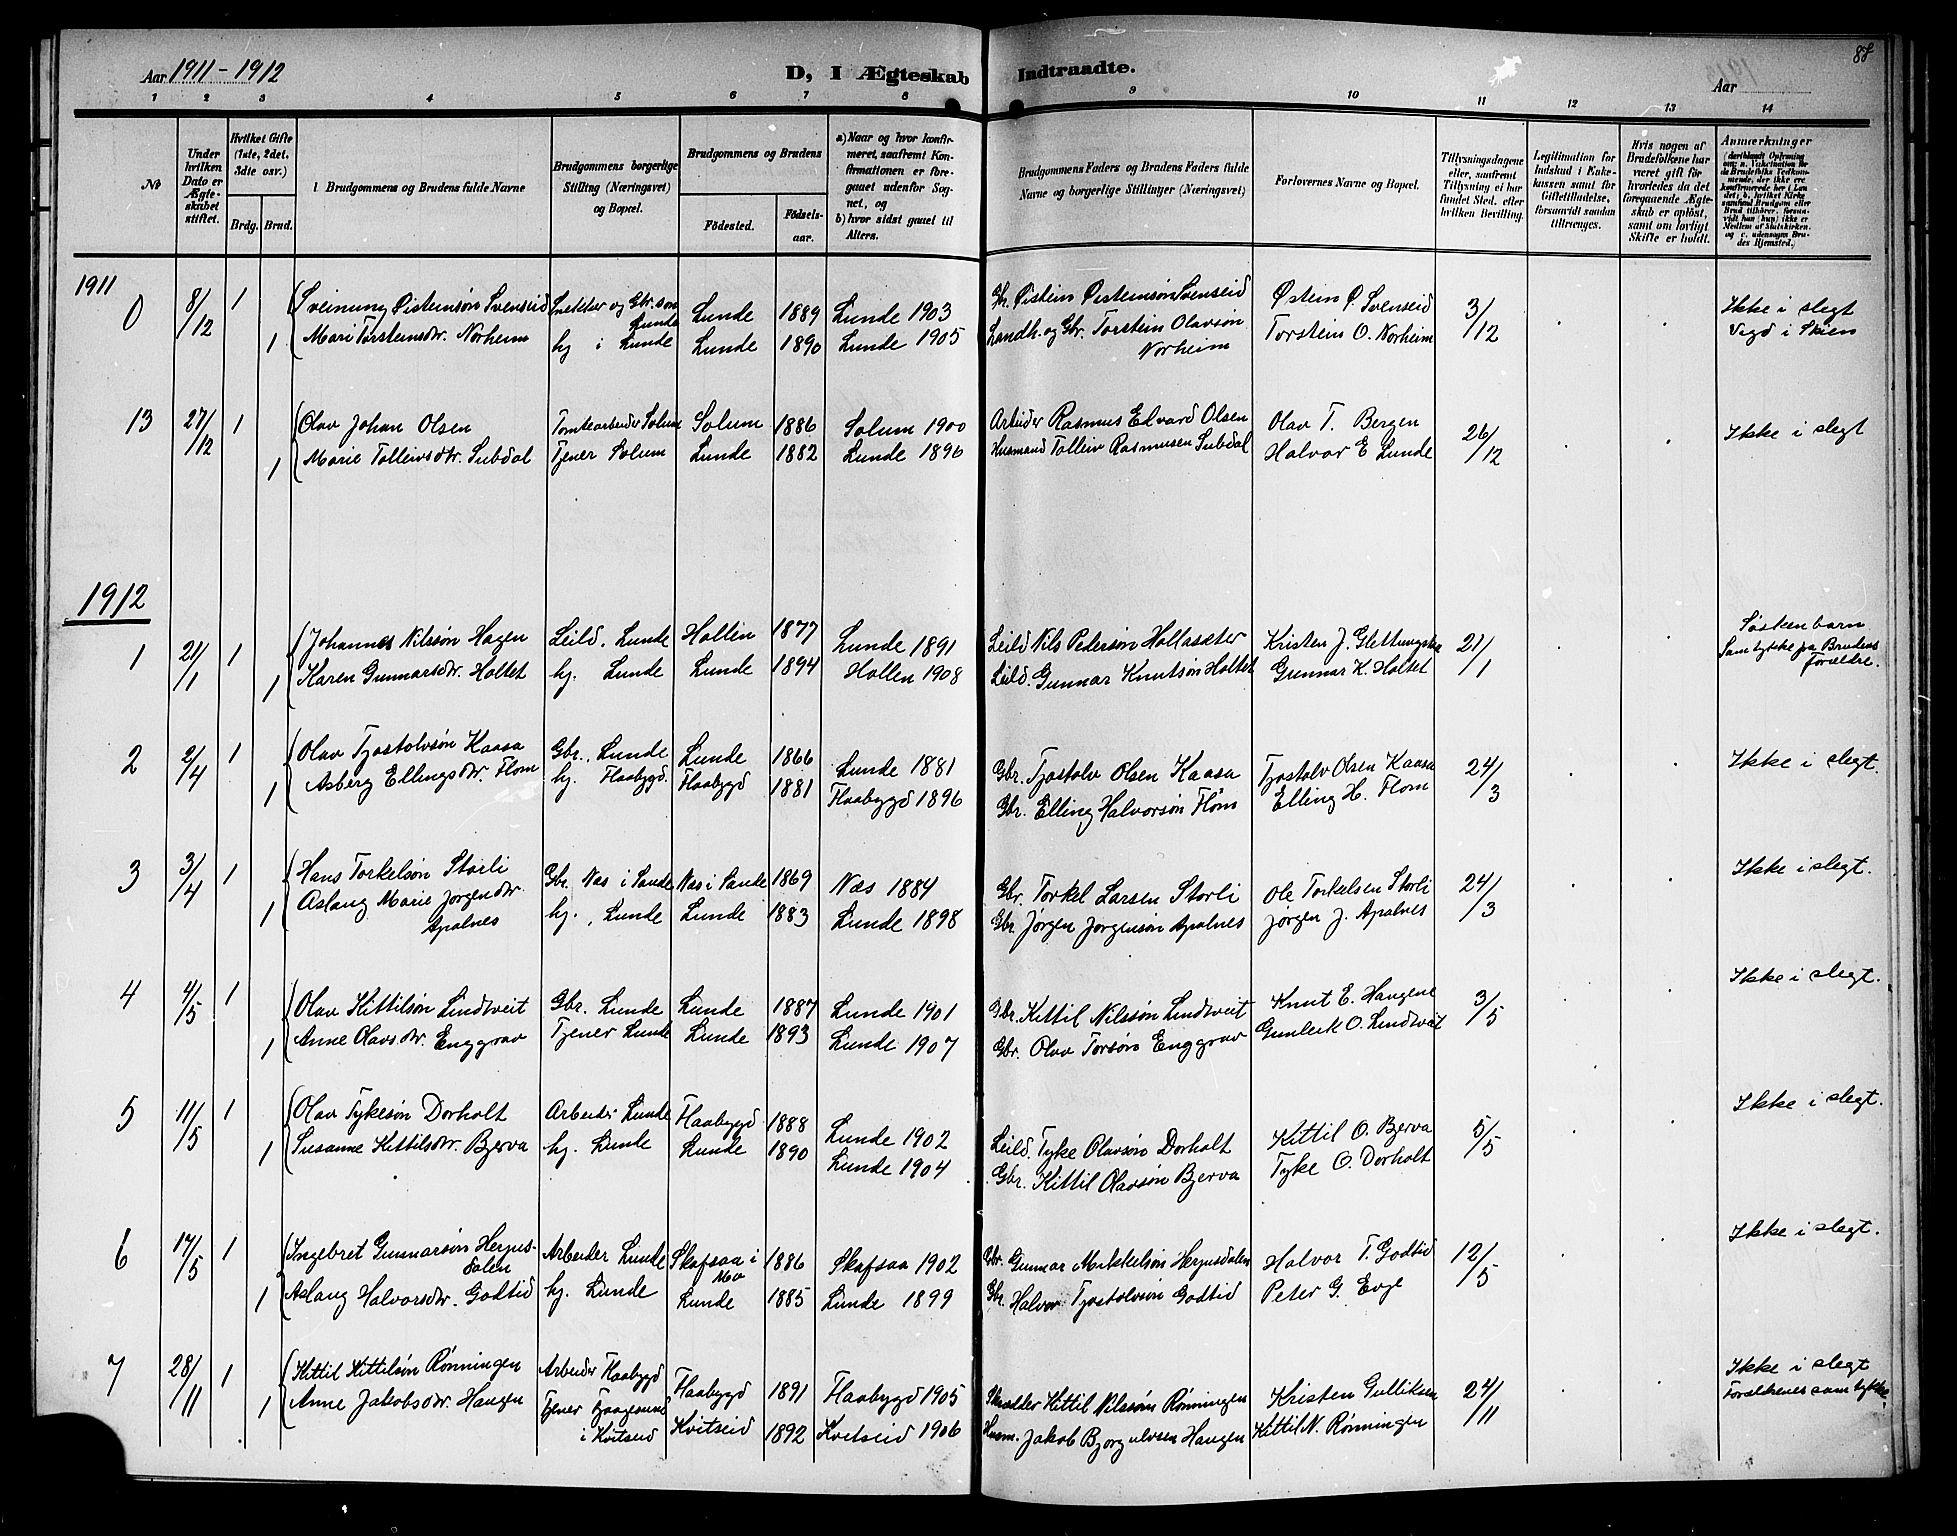 SAKO, Lunde kirkebøker, G/Ga/L0004: Klokkerbok nr. I 4, 1906-1914, s. 87